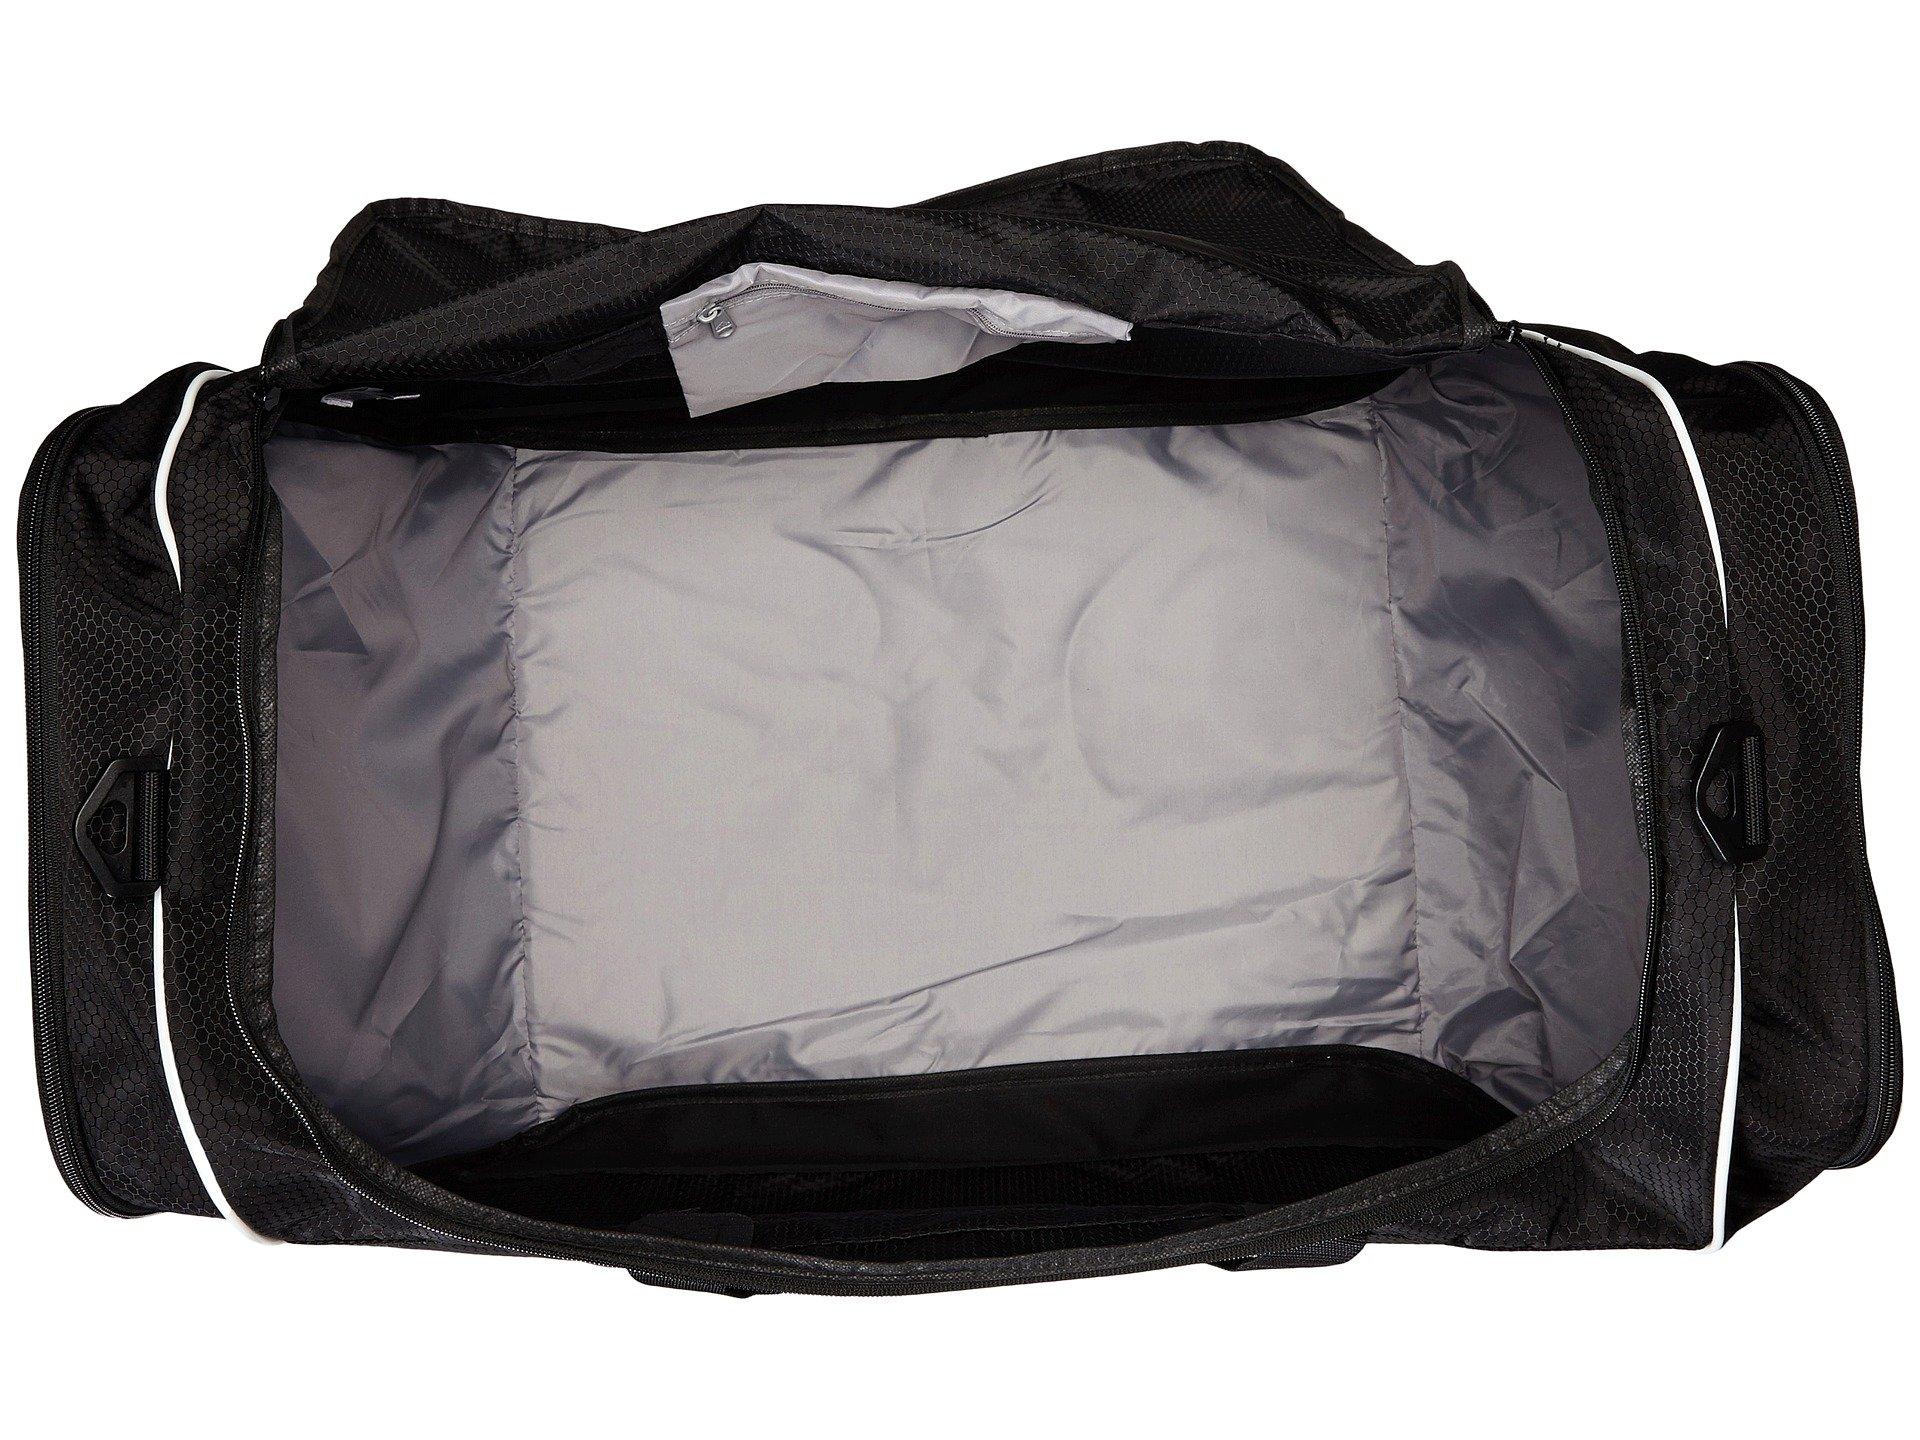 Bolso de Lona para Hombre adidas Defender II Duffel Large  + adidas en VeoyCompro.net